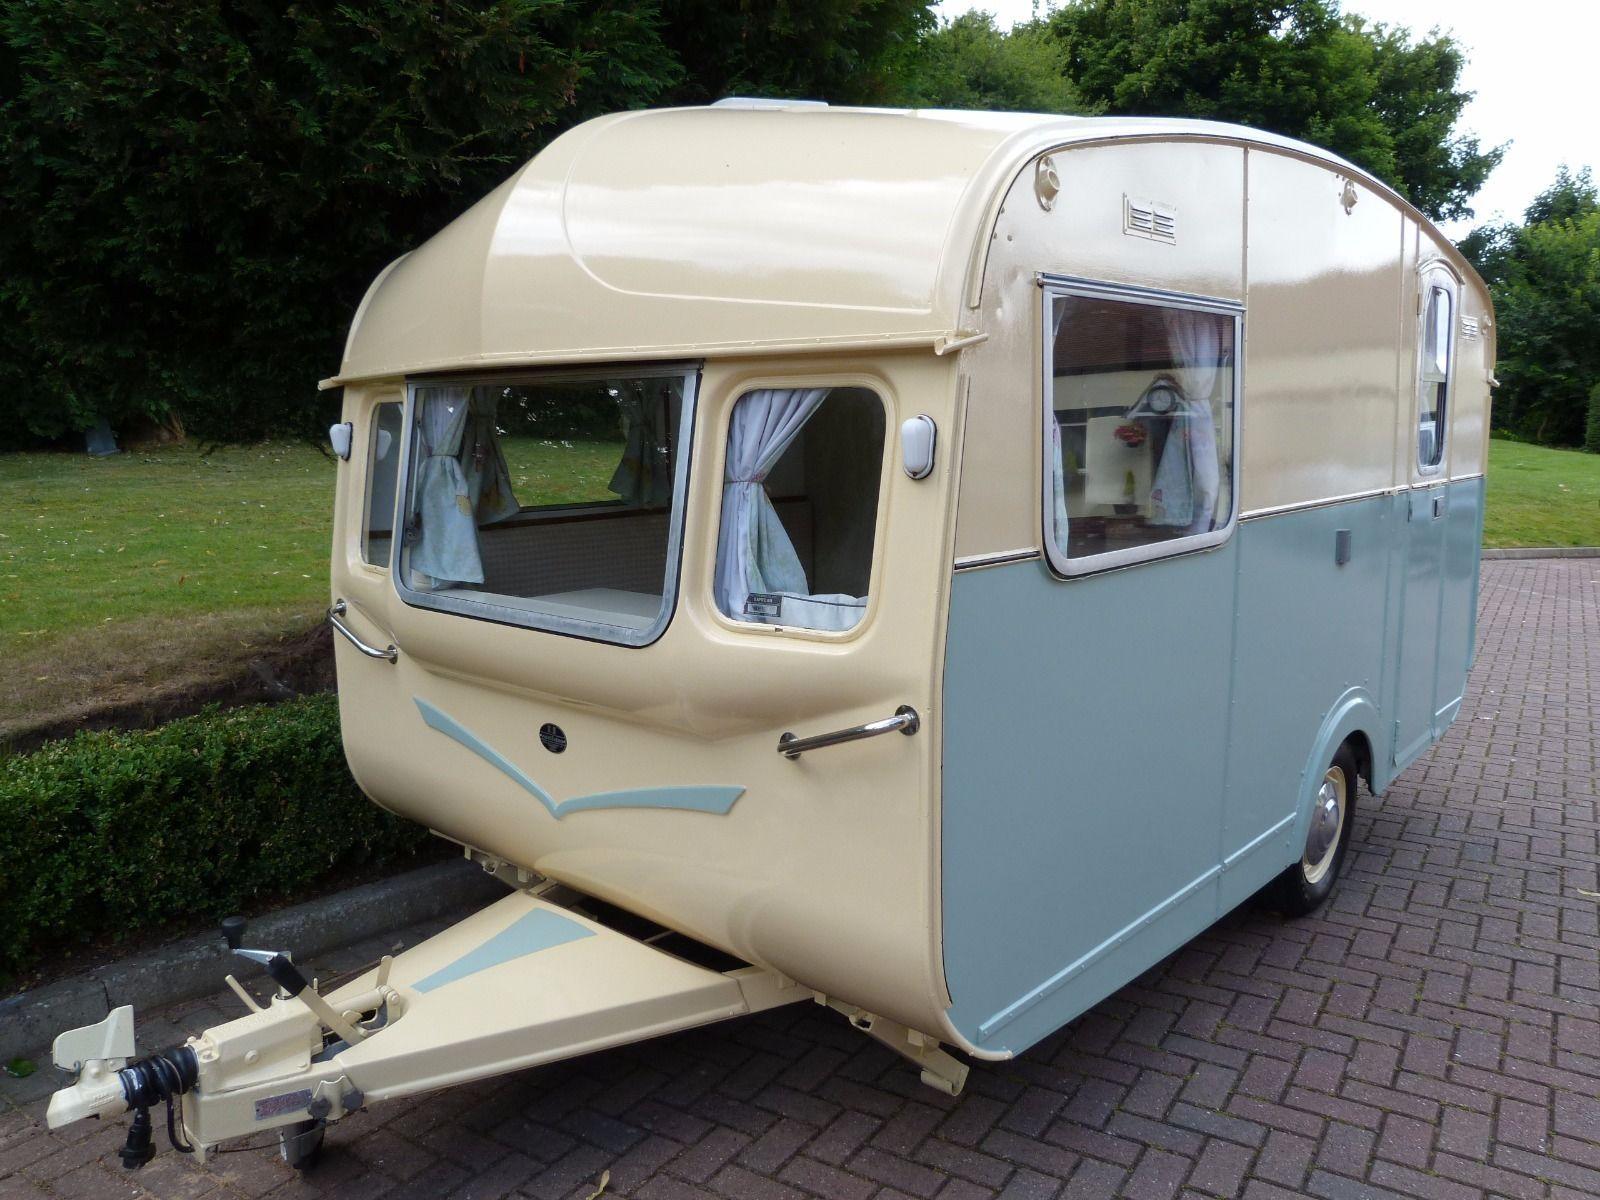 Vintage Camper Trailer RV